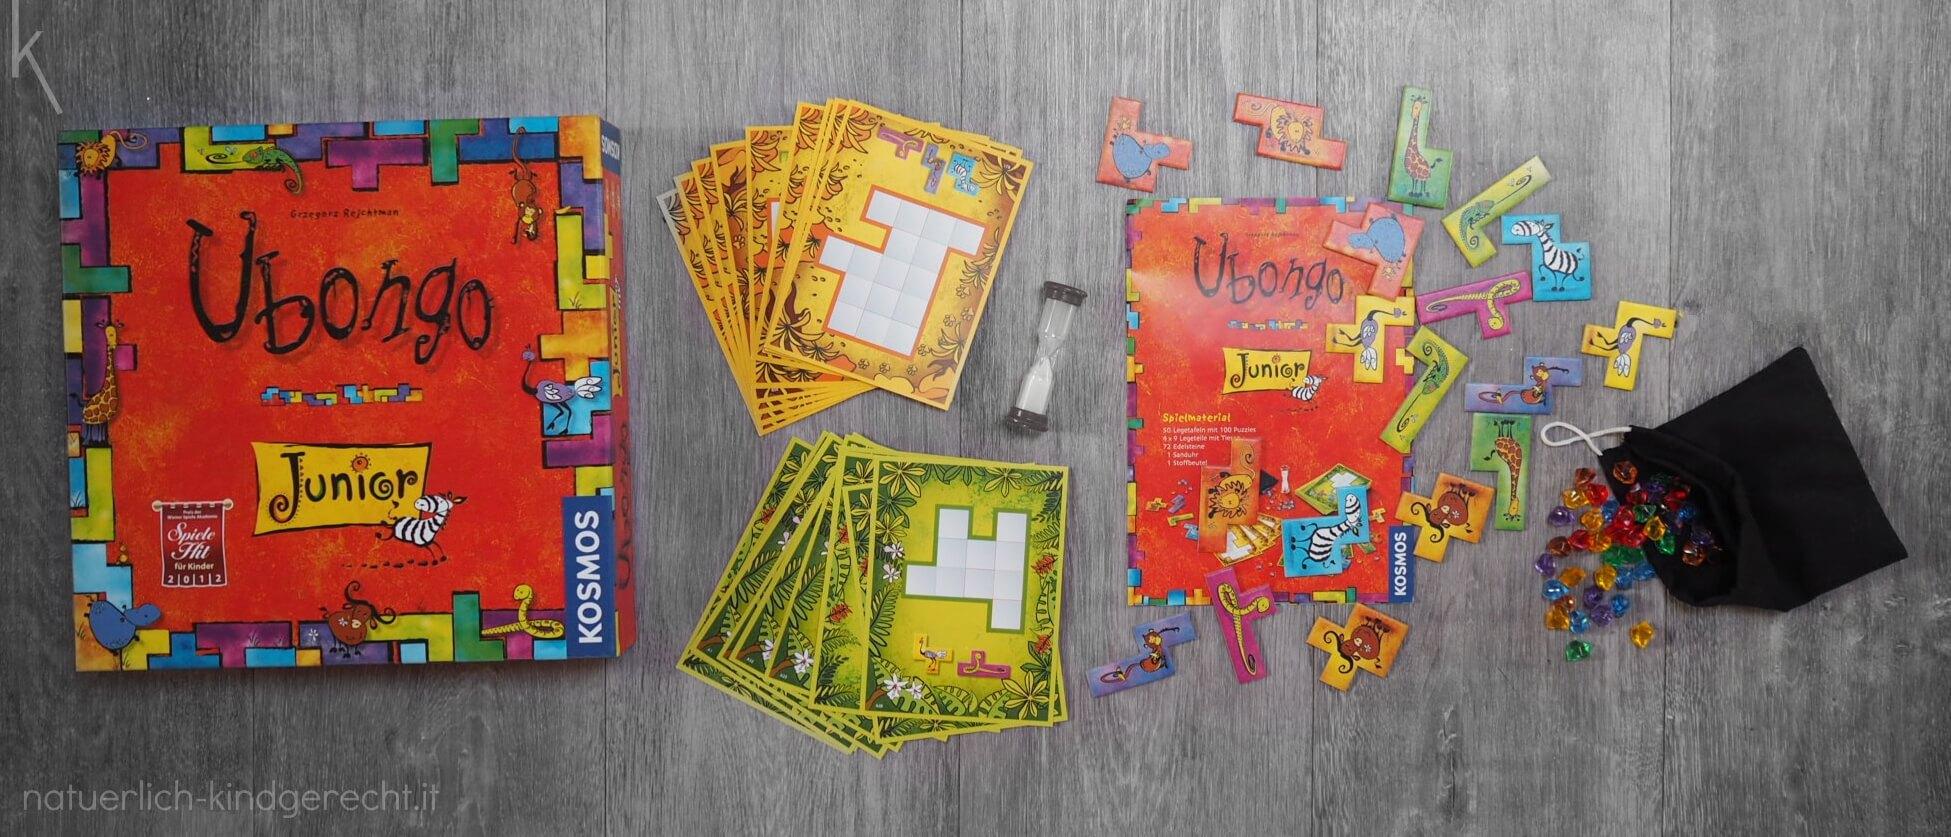 Ubongo Junior Strategiespiel für Kinder